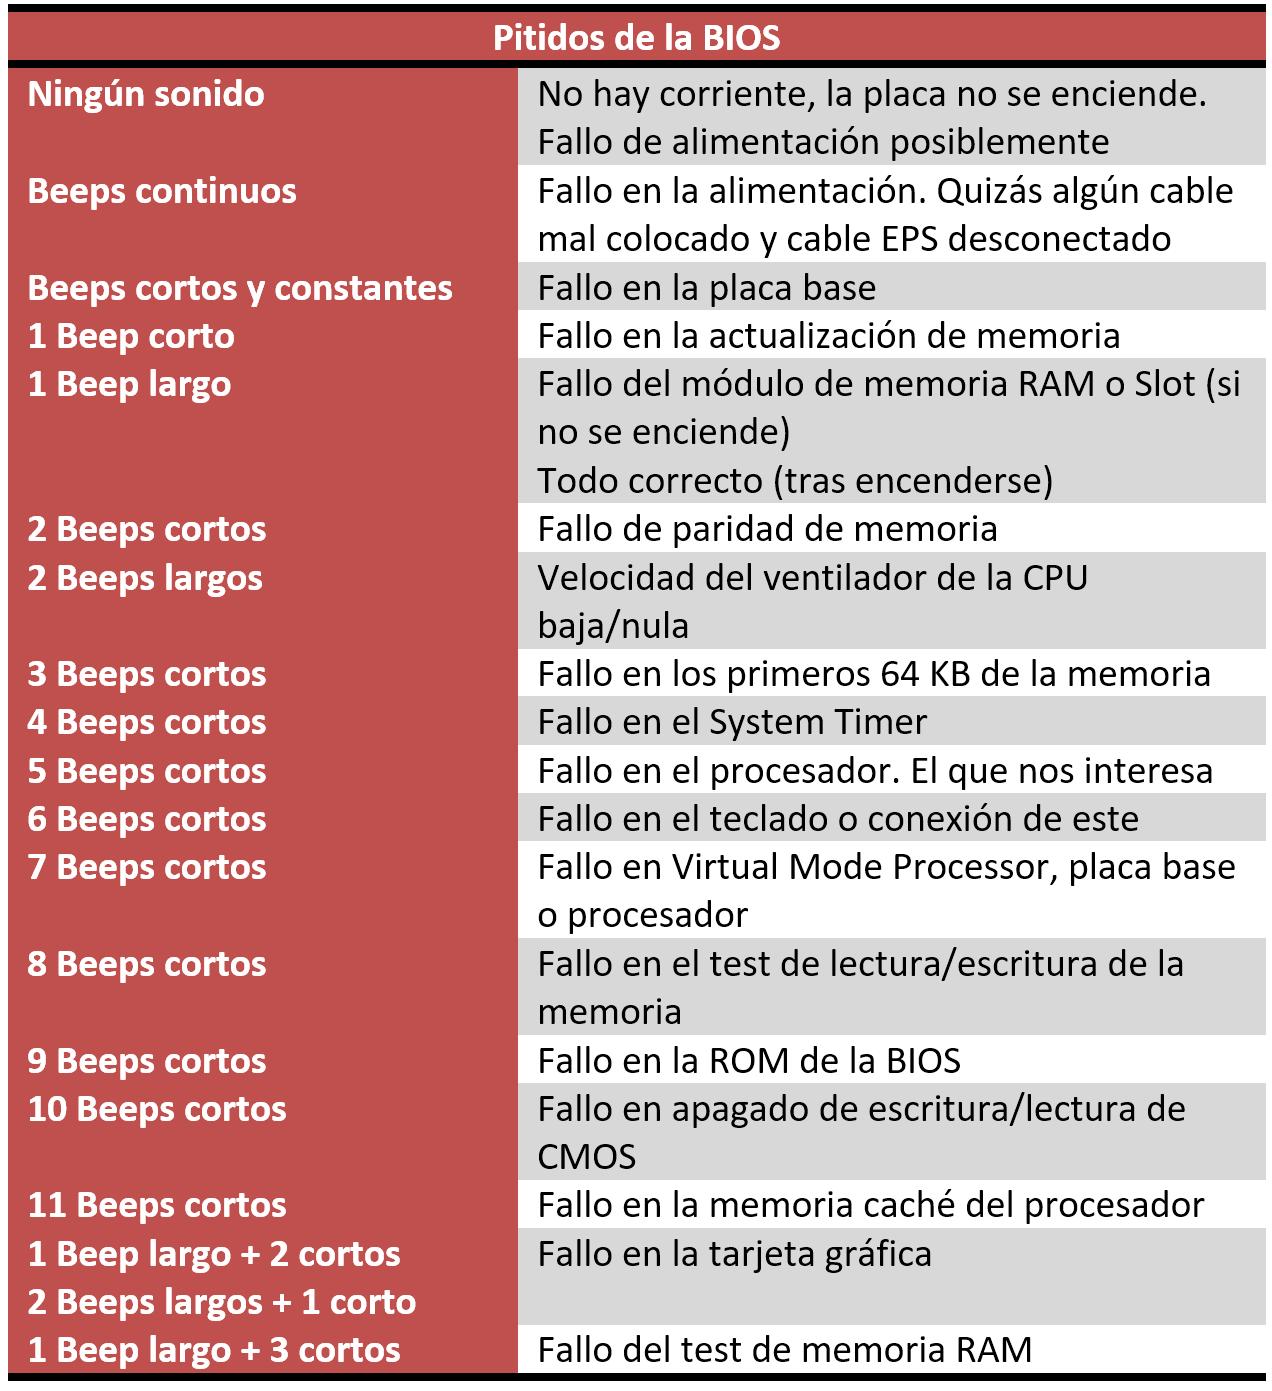 Pitidos BIOS